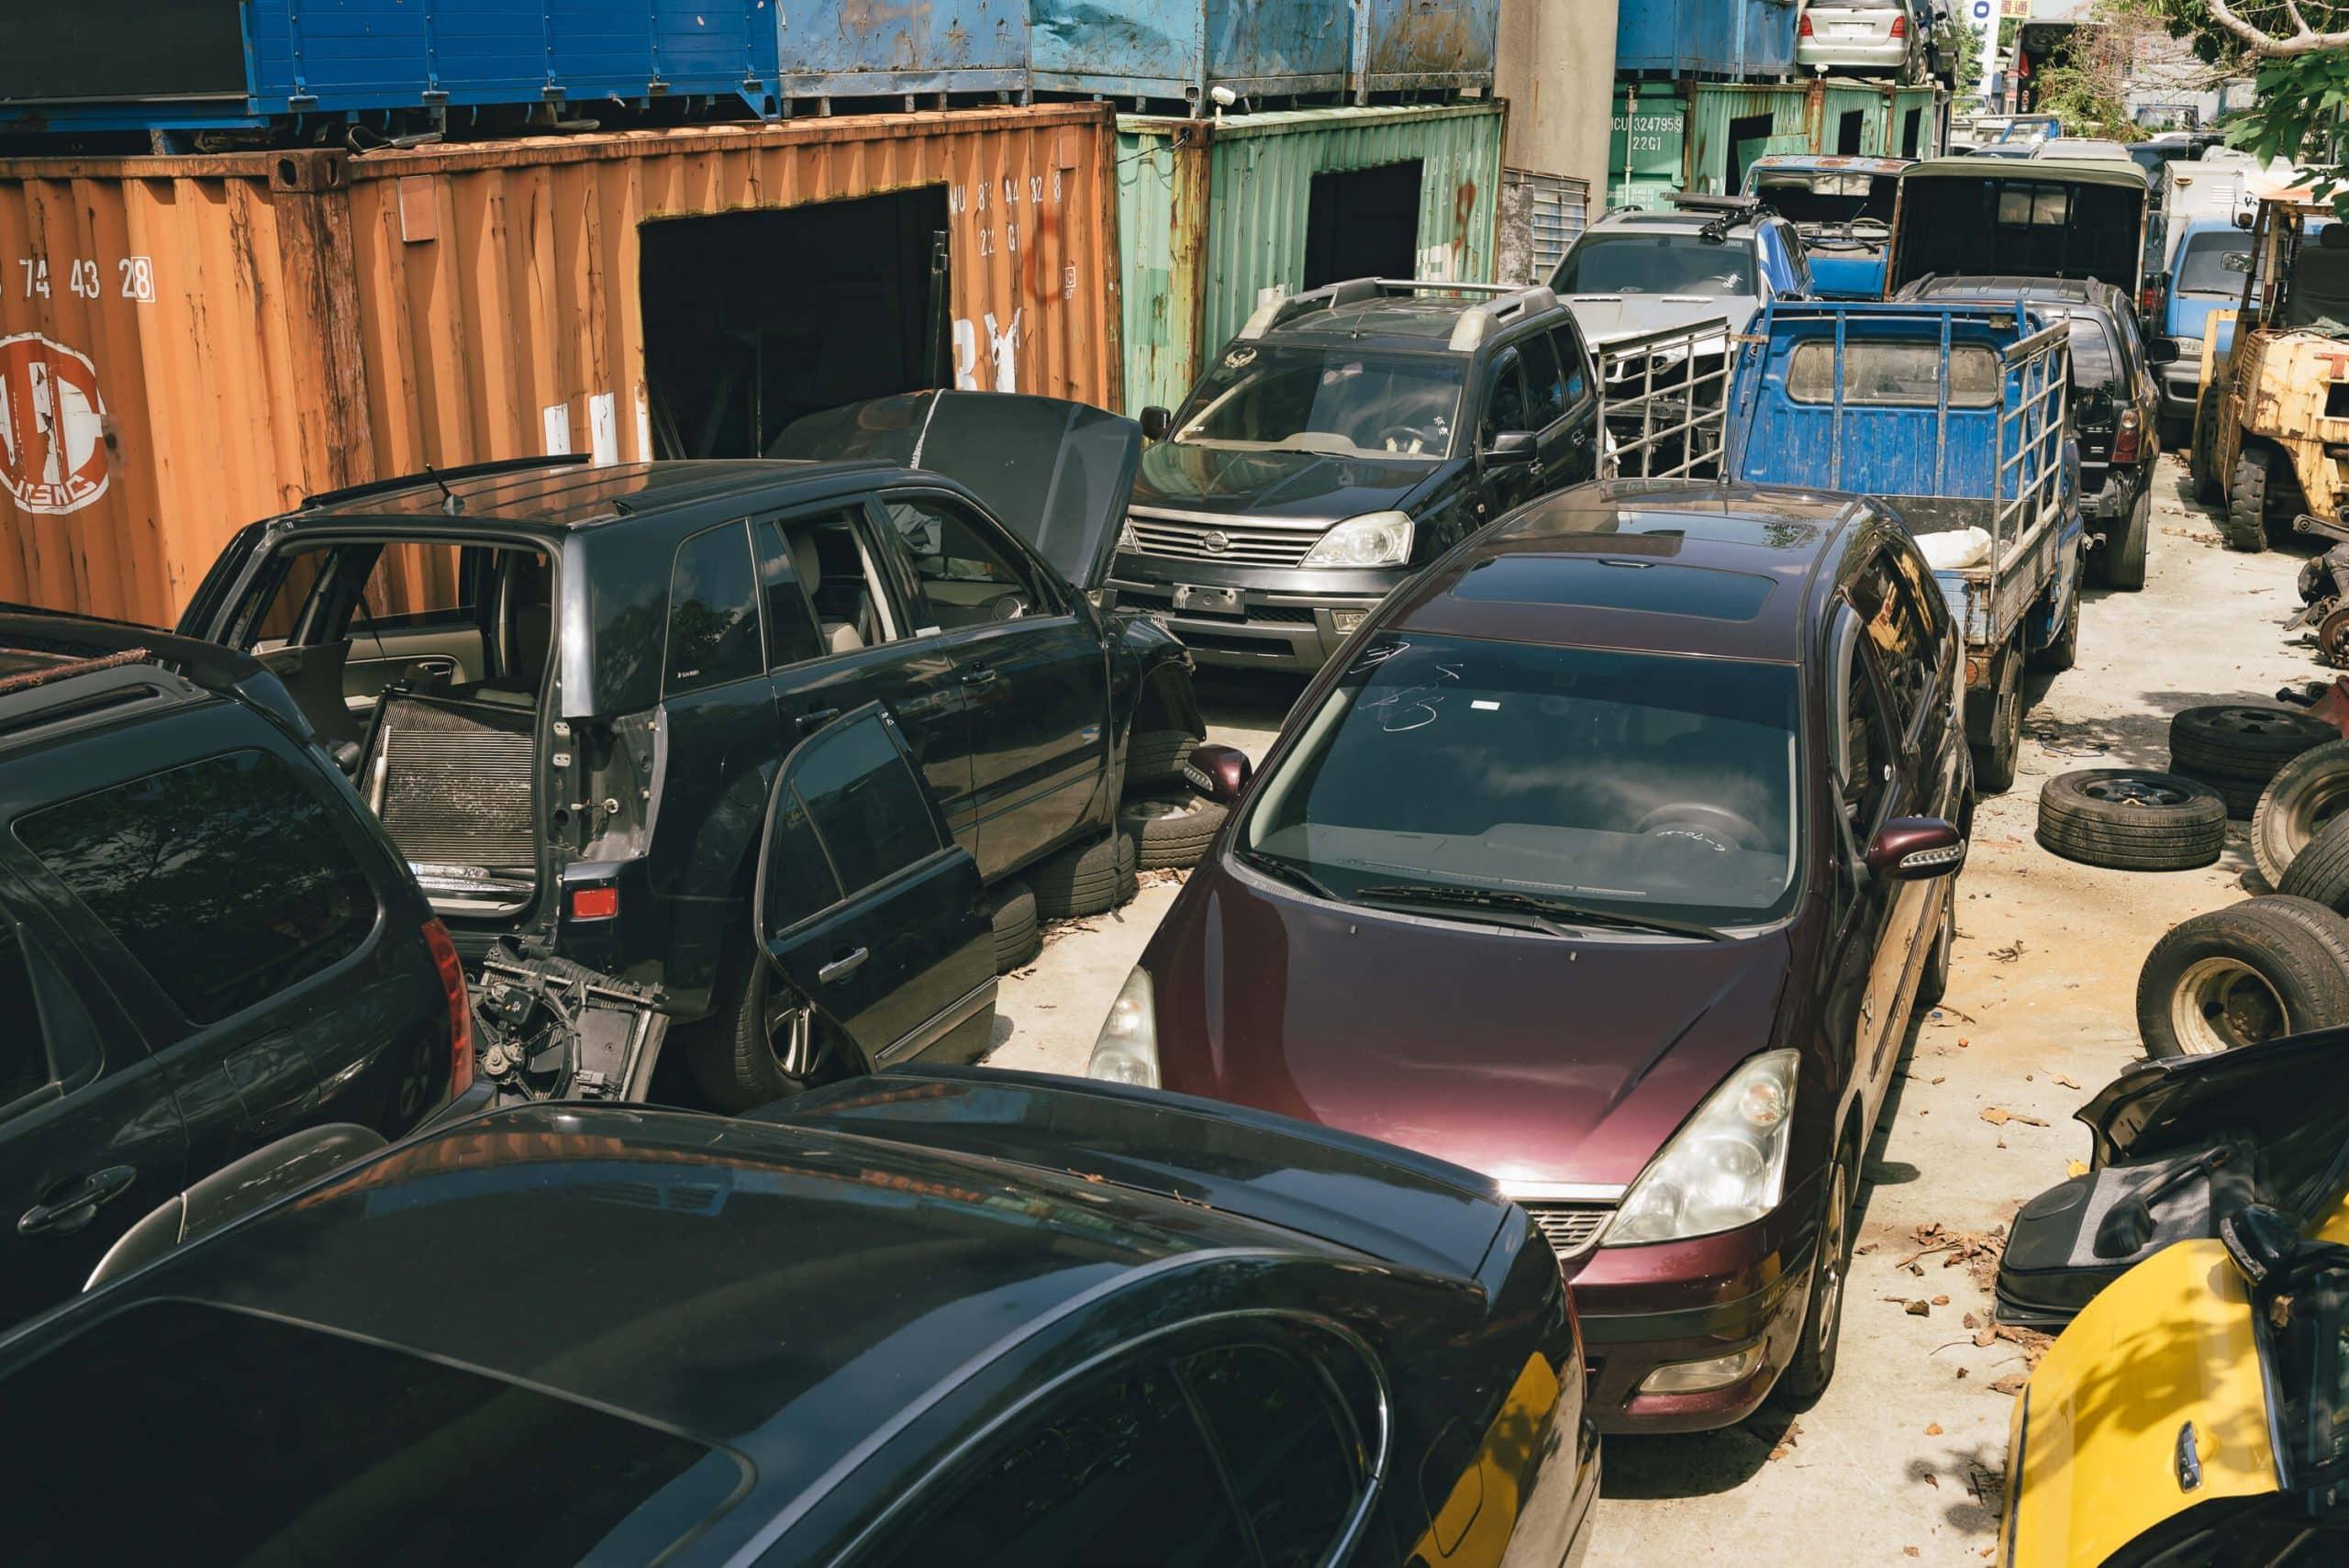 車主死亡繼承汽車/機車該如何報廢處理呢?(內附死亡獎勵金申請表格)